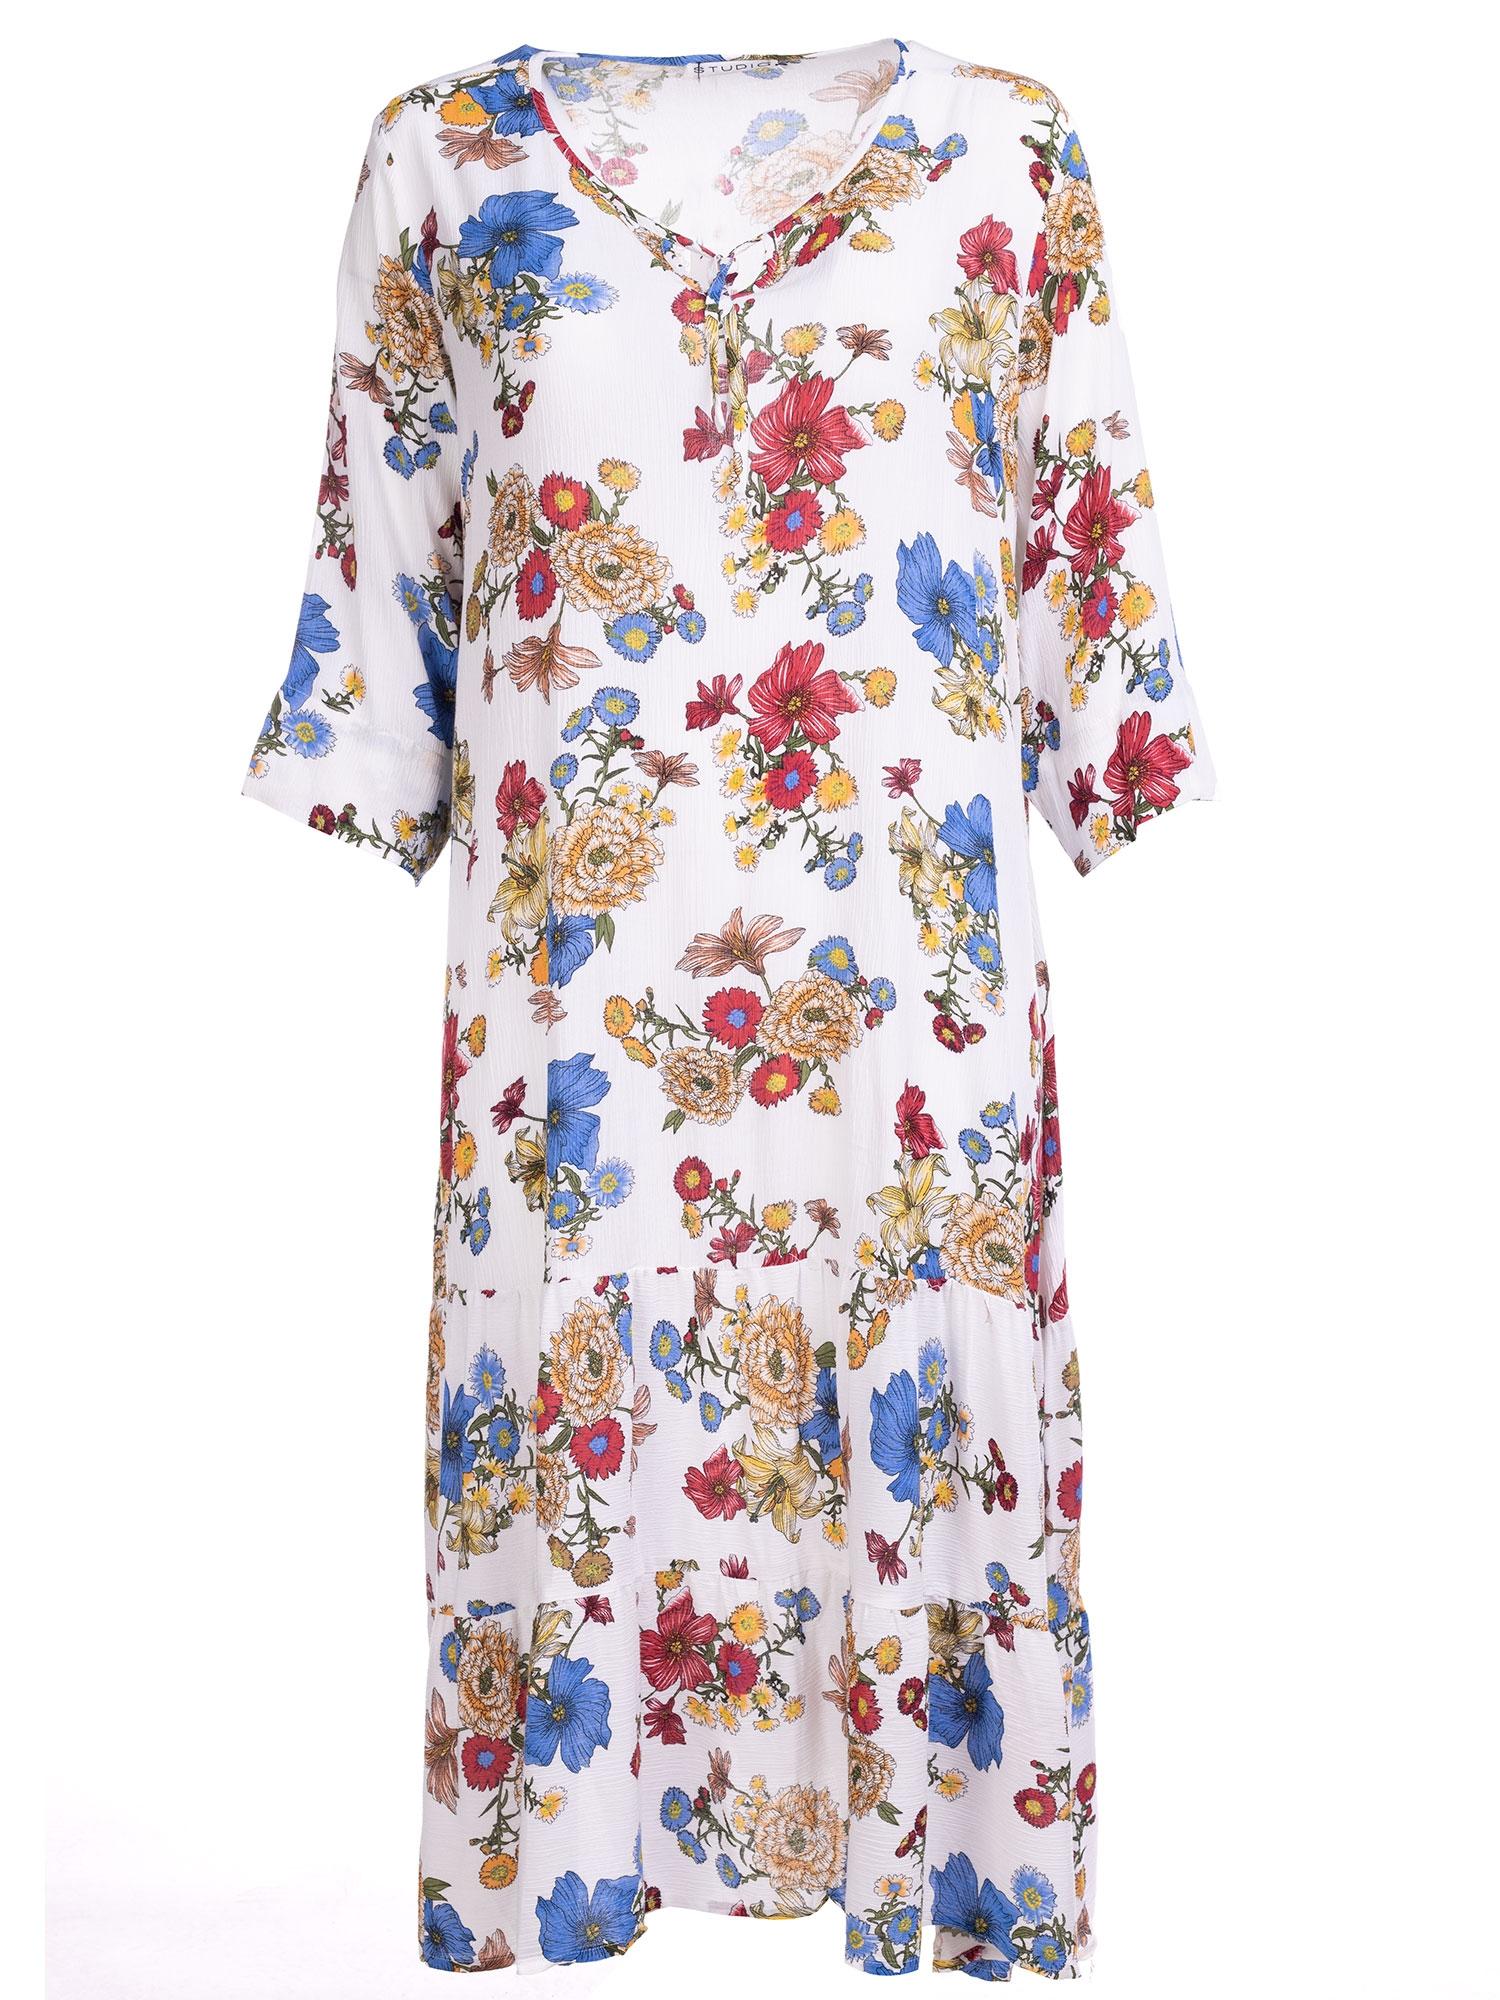 Studio Lang hvid kjole i med blomsterprint i crepet viskose, 54-56 / XL